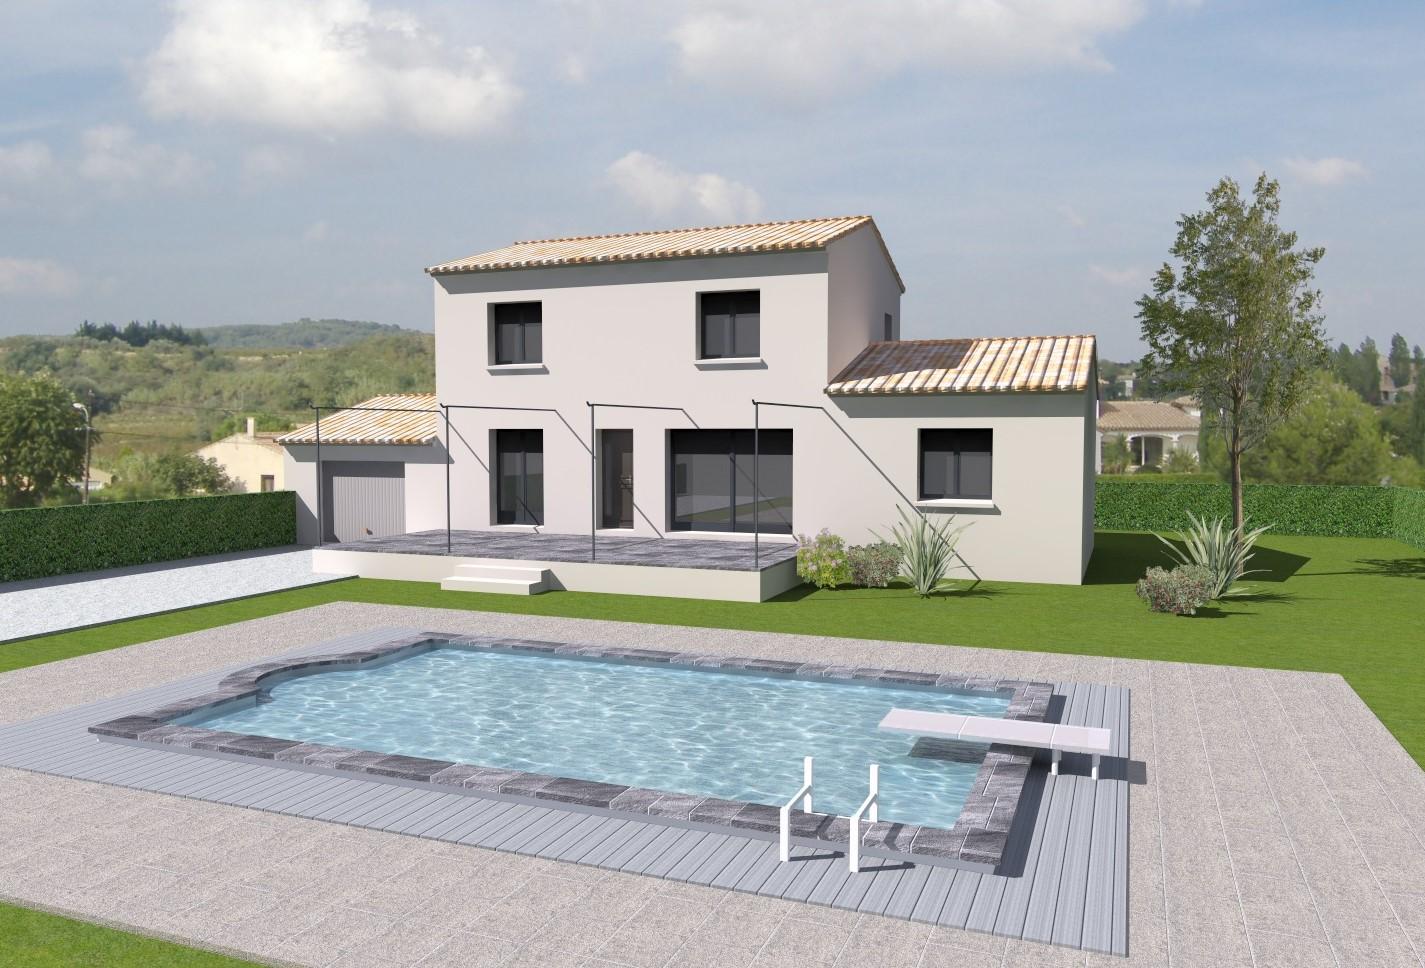 Terrains du constructeur VENTOUX HABITAT • 389 m² • CARPENTRAS